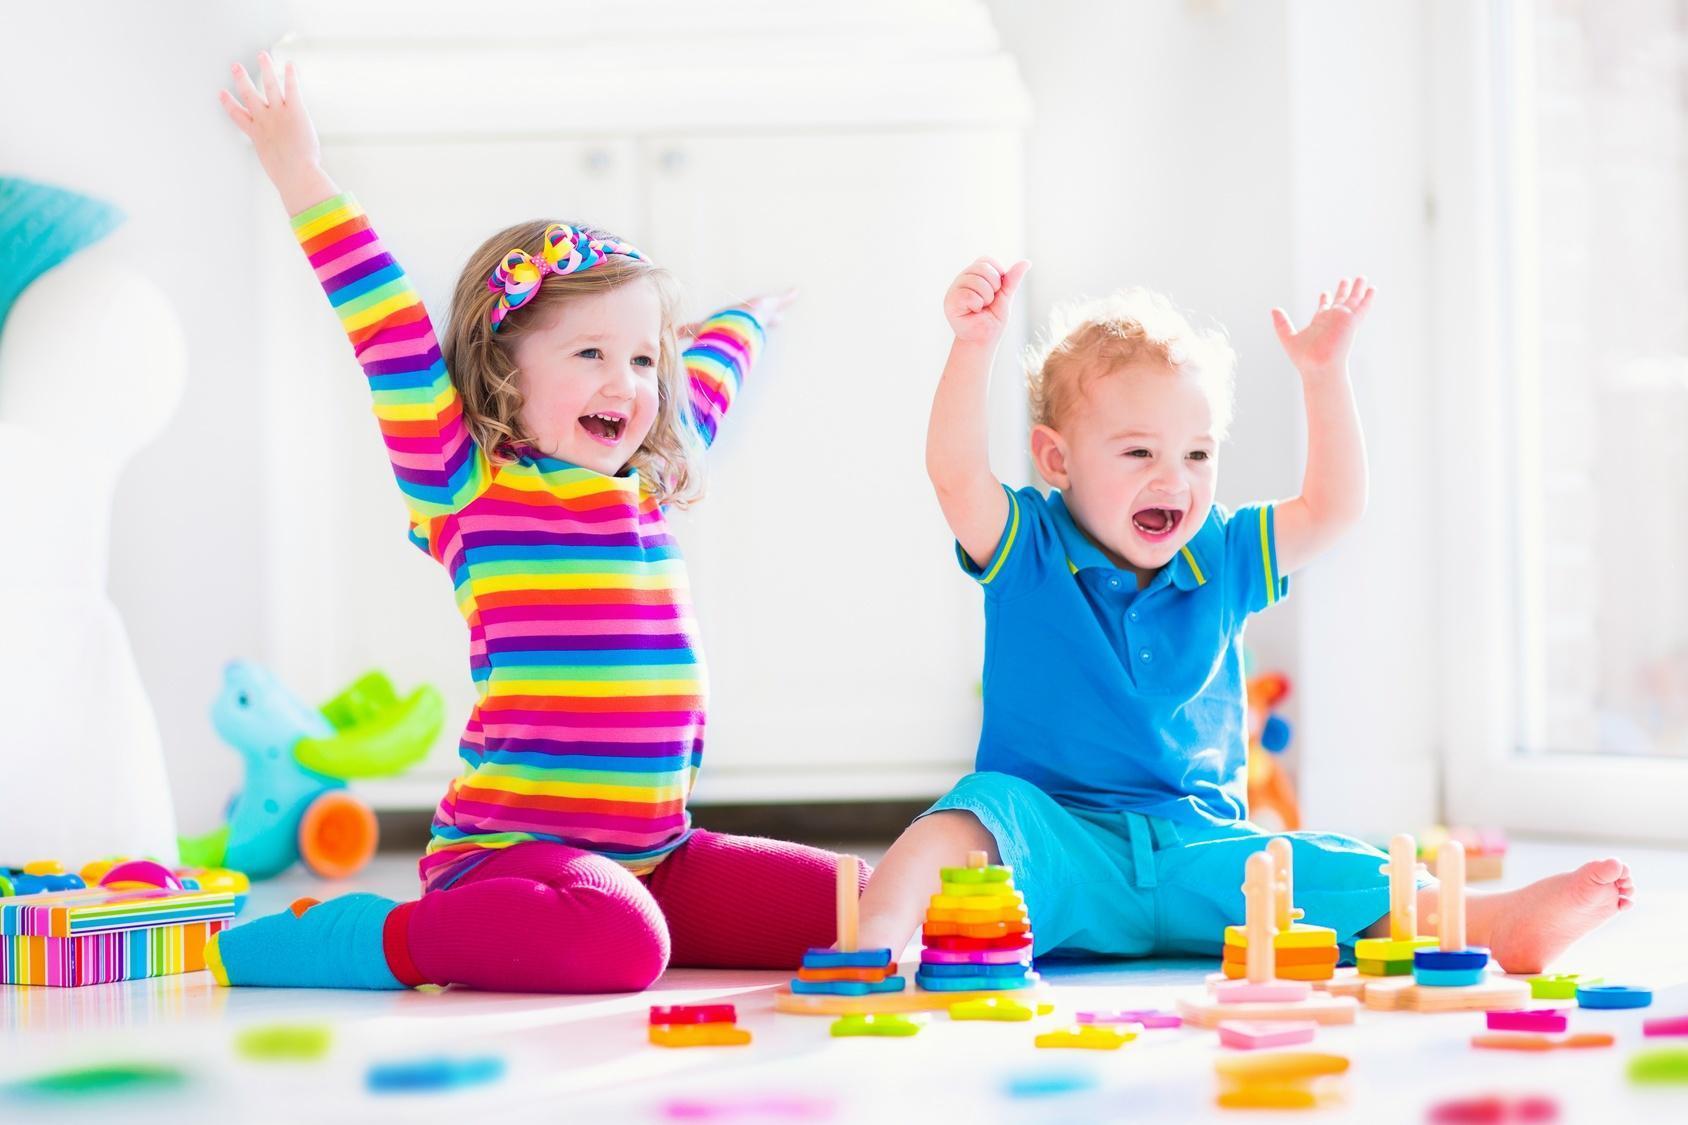 dzieci w radości bawiące się zabawkami